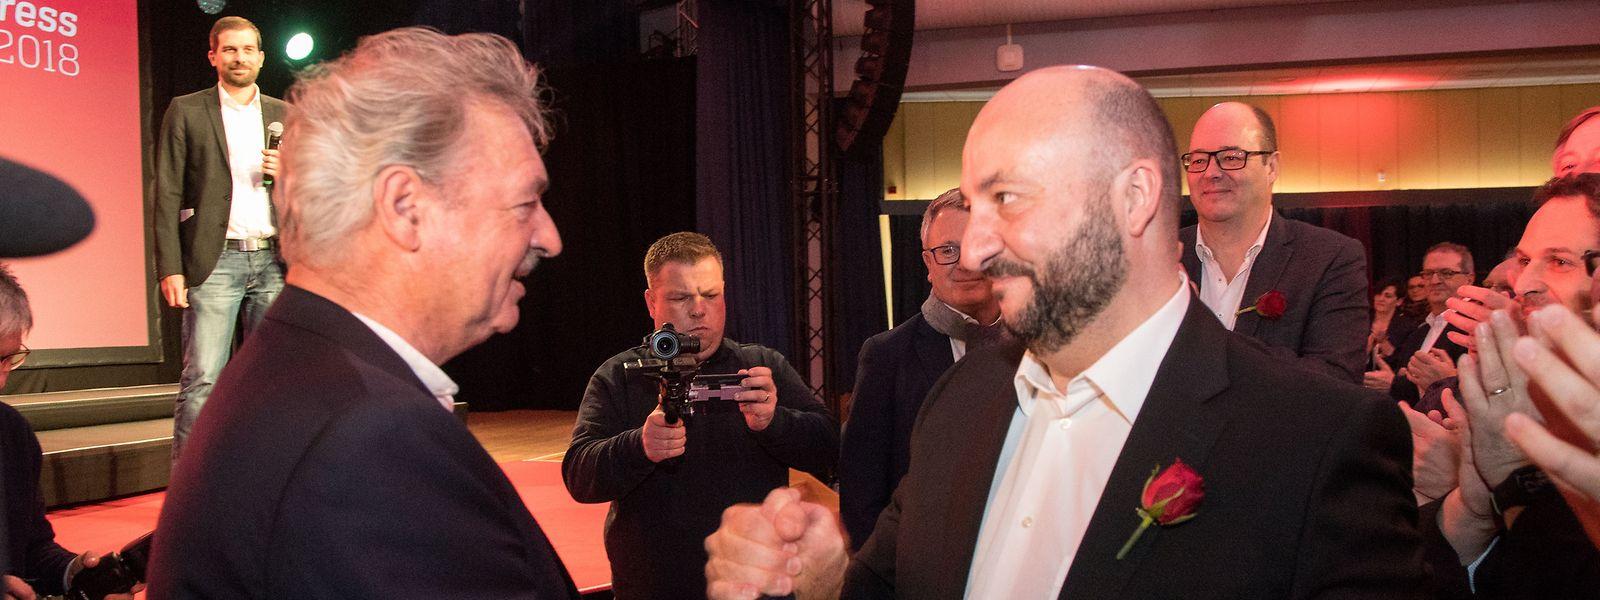 Jean Asselborn beglückwünscht Etienne Schneider, den neuen und alten Spitzenkandidaten der LSAP.